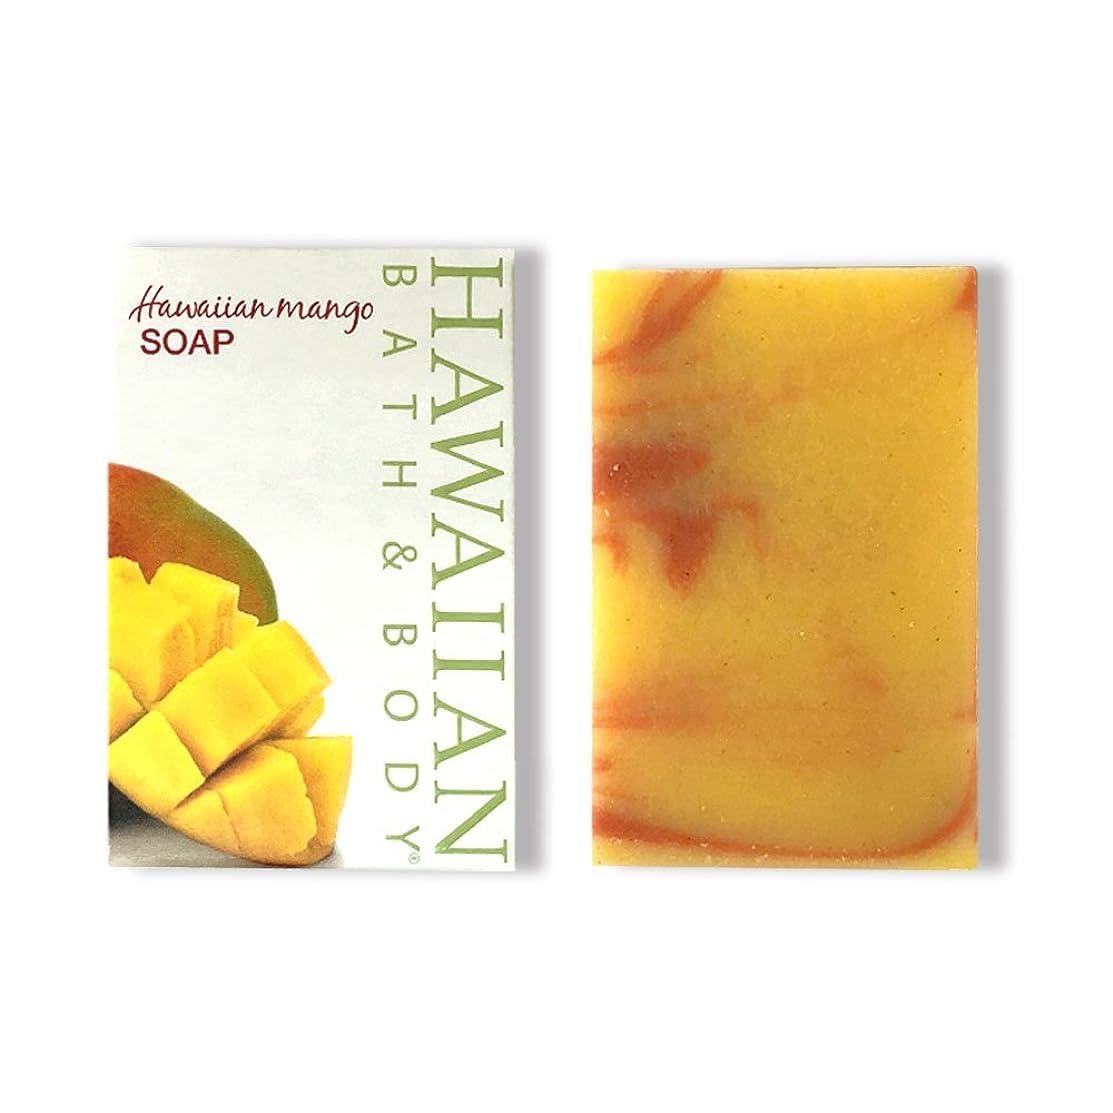 征服者集団的観客ハワイアンバス&ボディ ハワイアンマンゴーソープ ( Hawaiian Mango Soap )